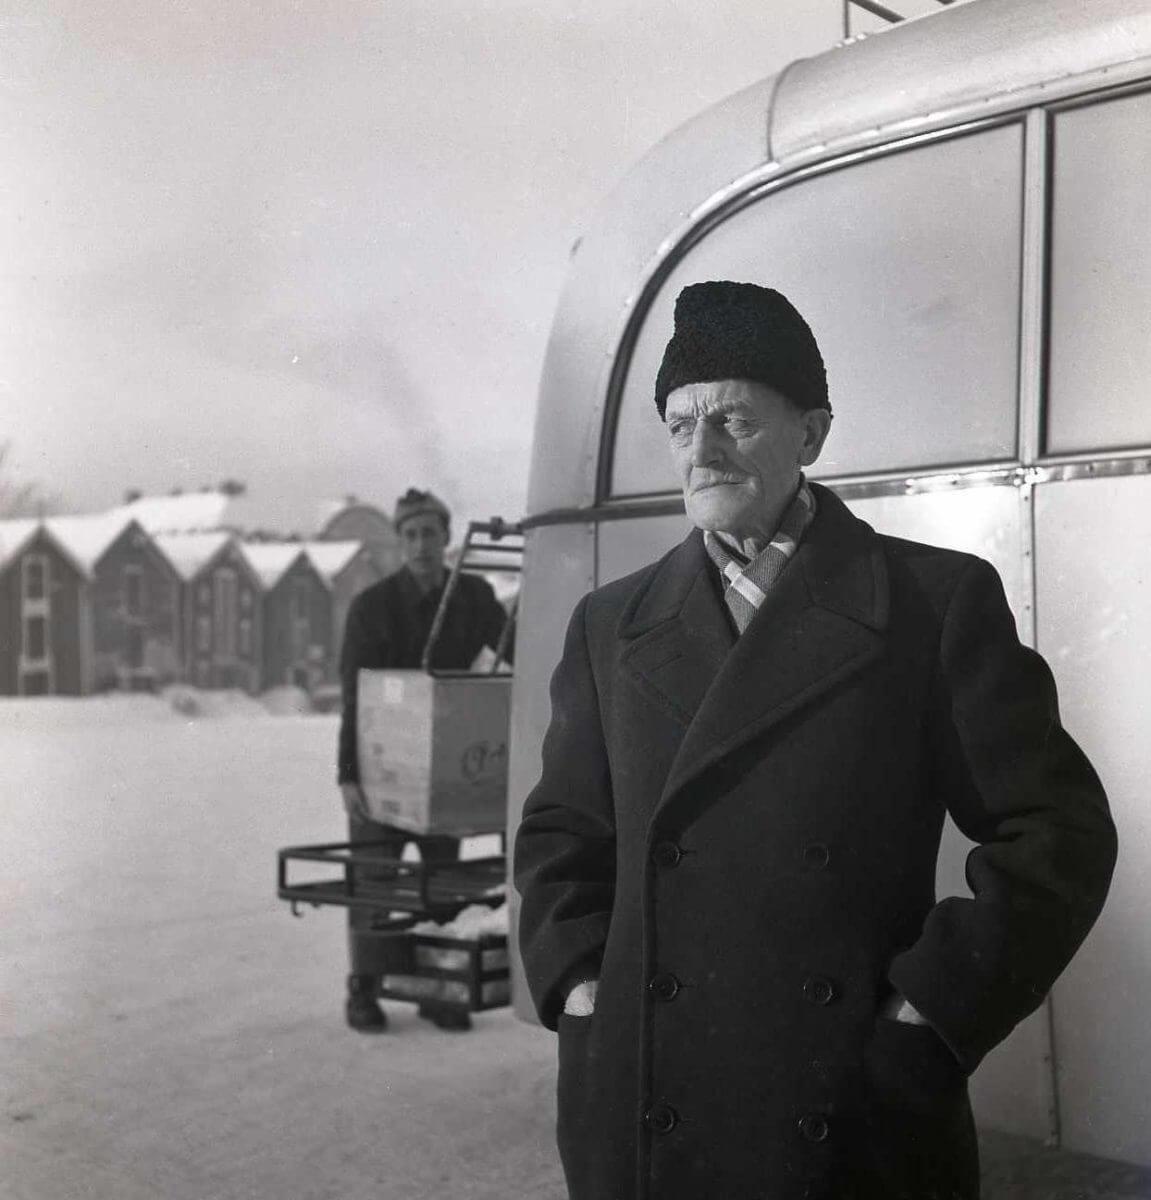 En man står framför en buss med händerna i rockfickorna.